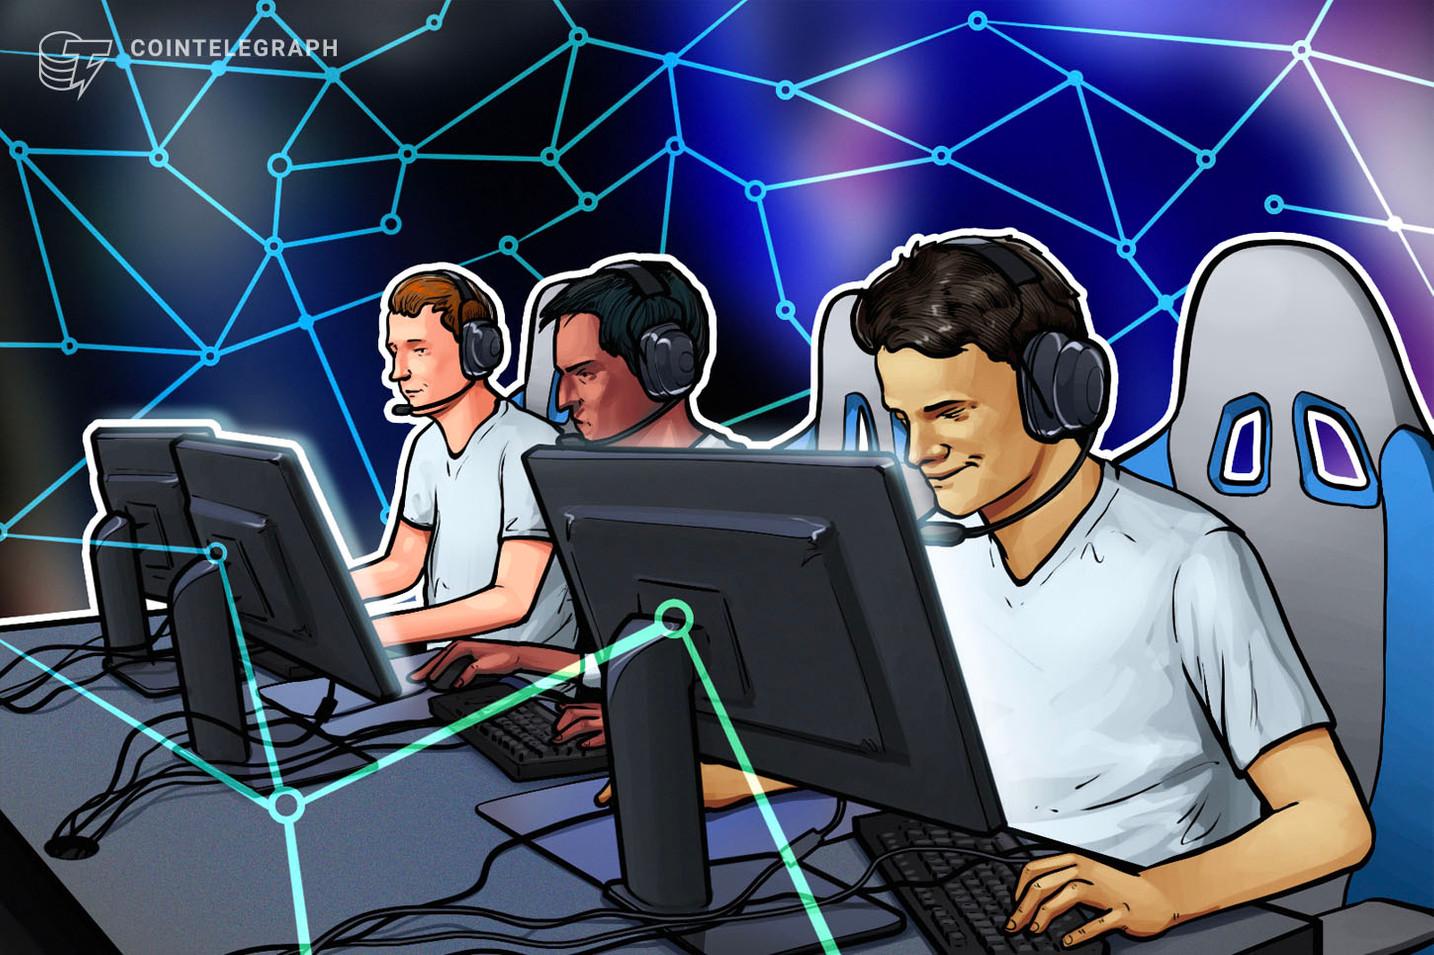 Estrellas del popular videojuego Counter-Strike participarán en un torneo con criptomonedas